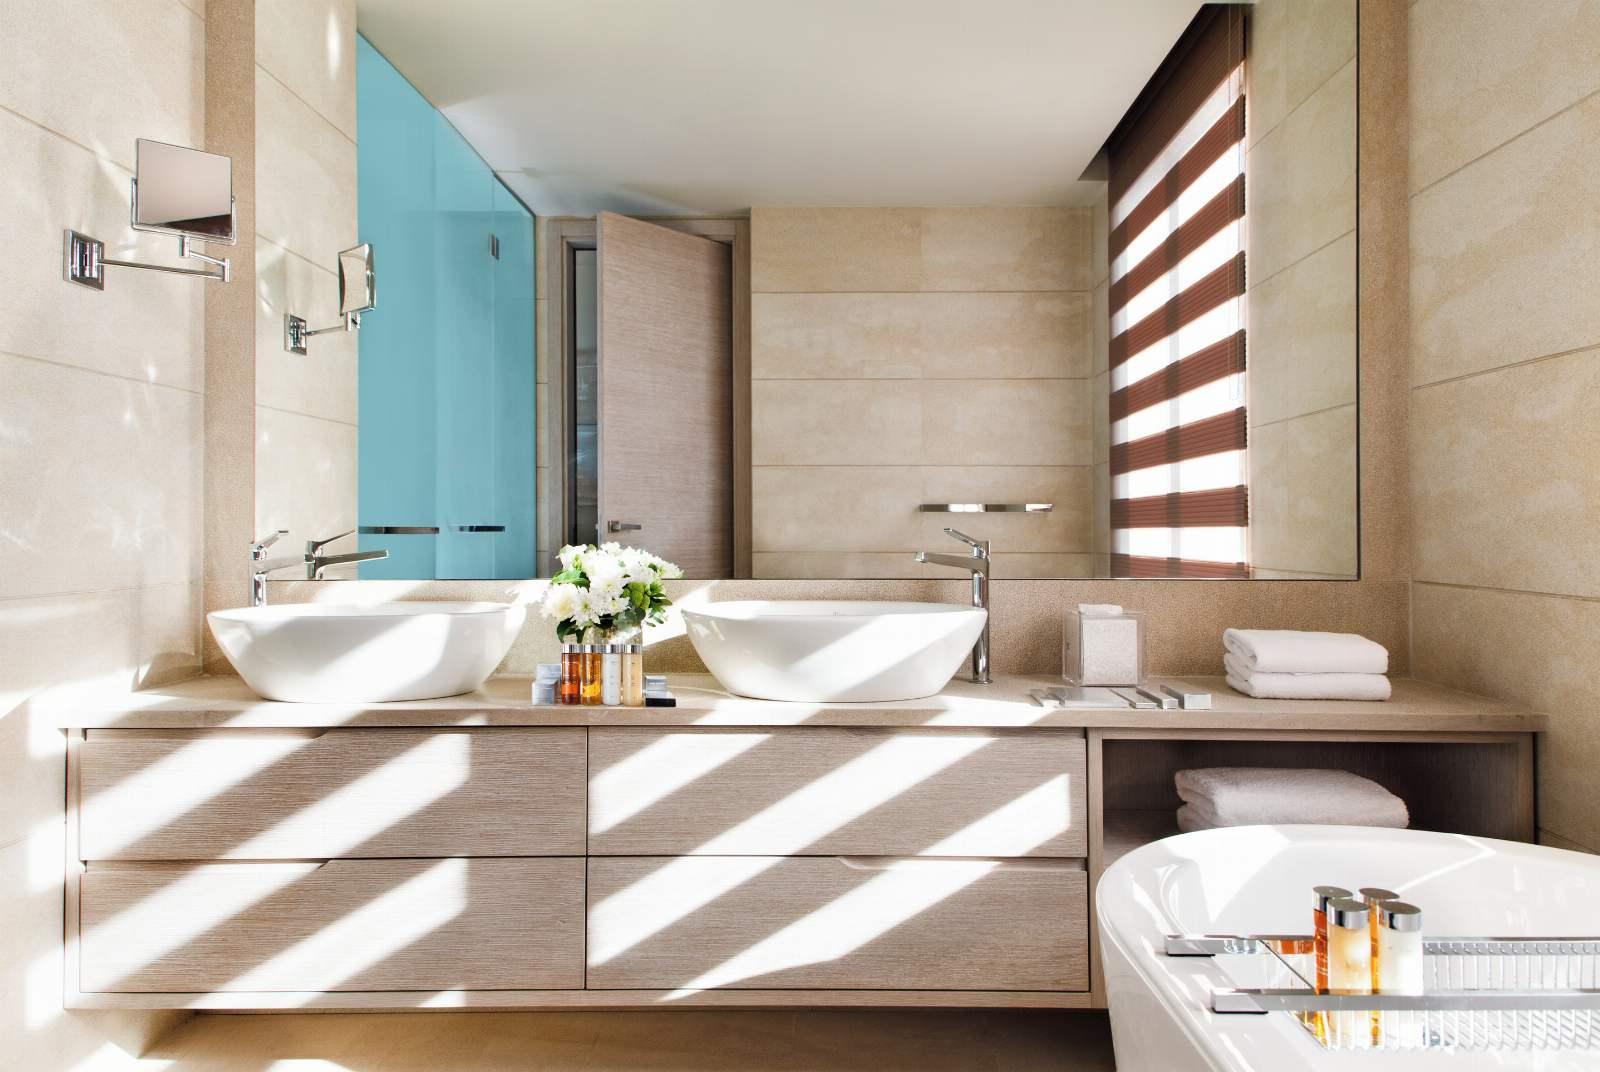 Sani Dunes Bathroom